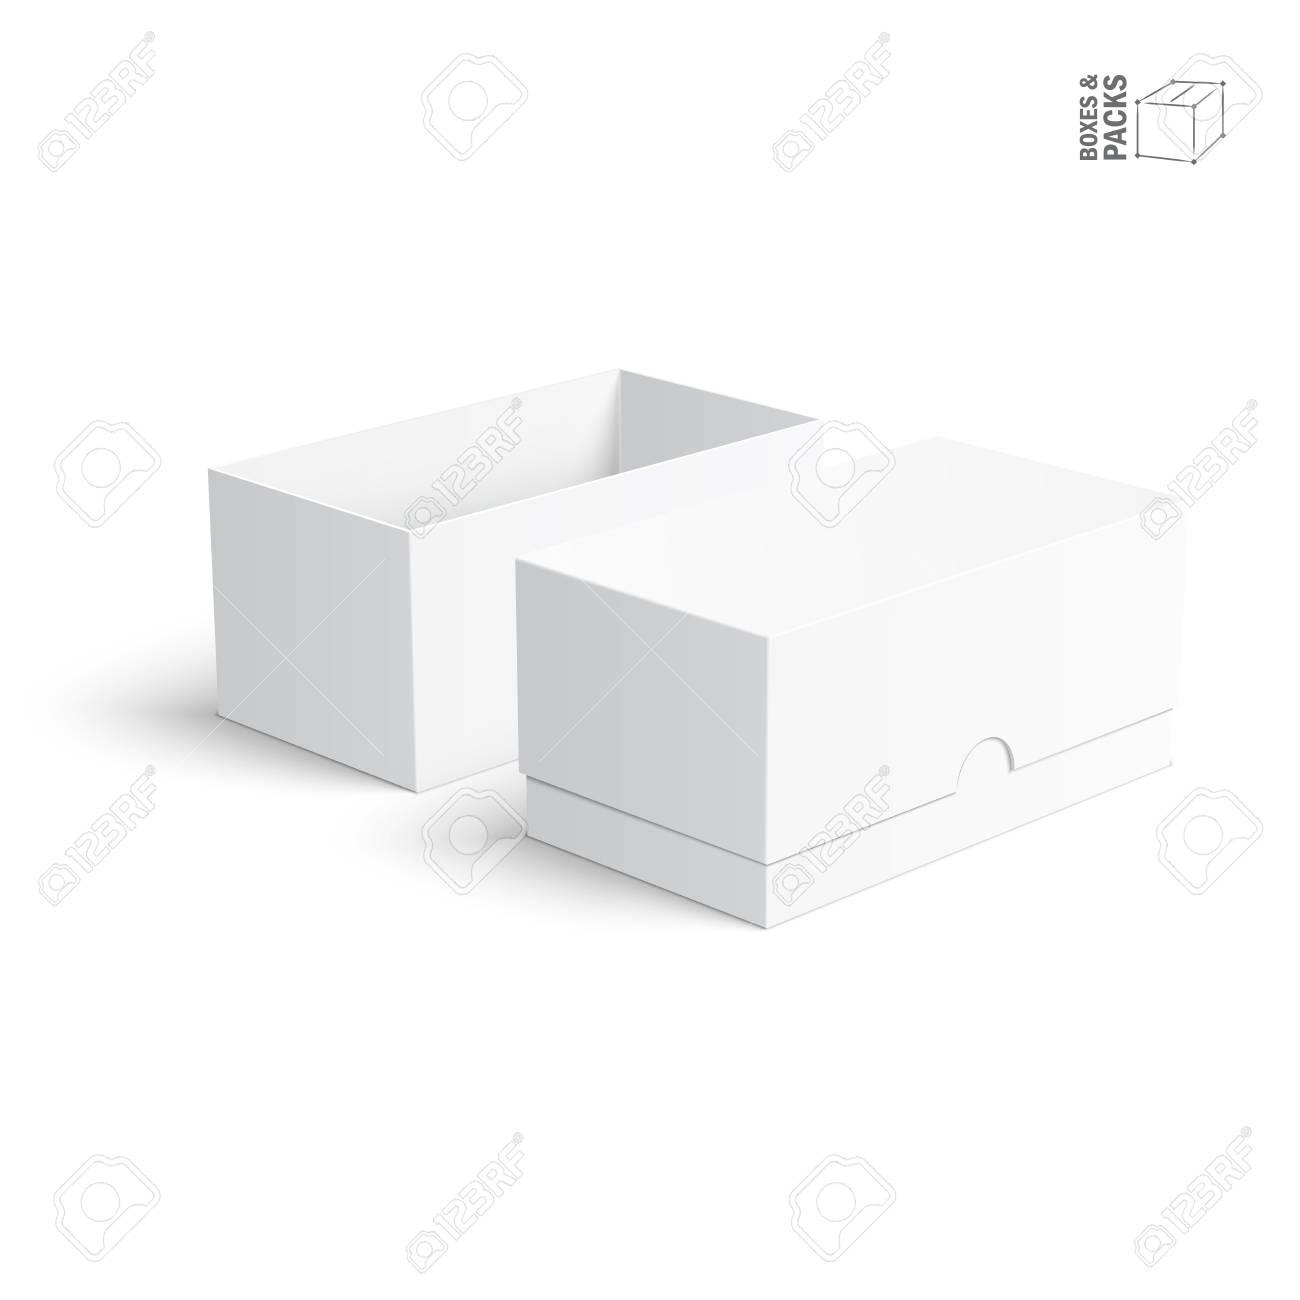 Atemberaubend Karton Boot Vorlage Zeitgenössisch - Beispiel ...